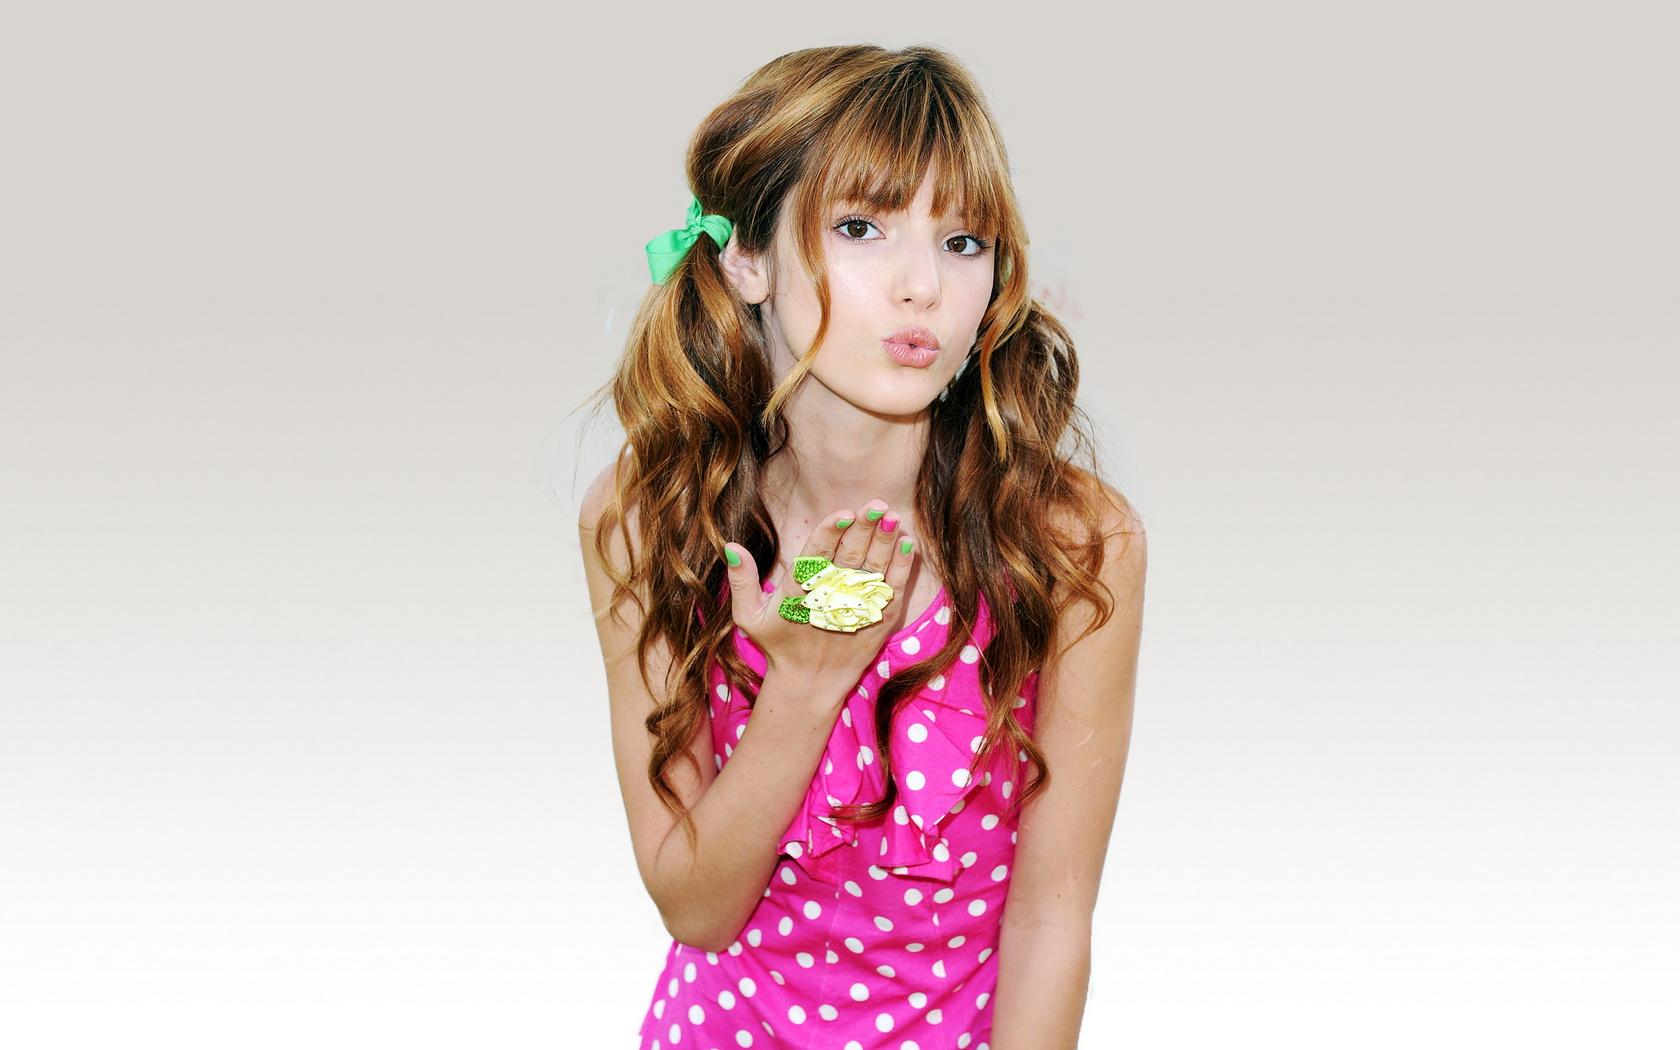 Chica asiática bella - 1680x1050